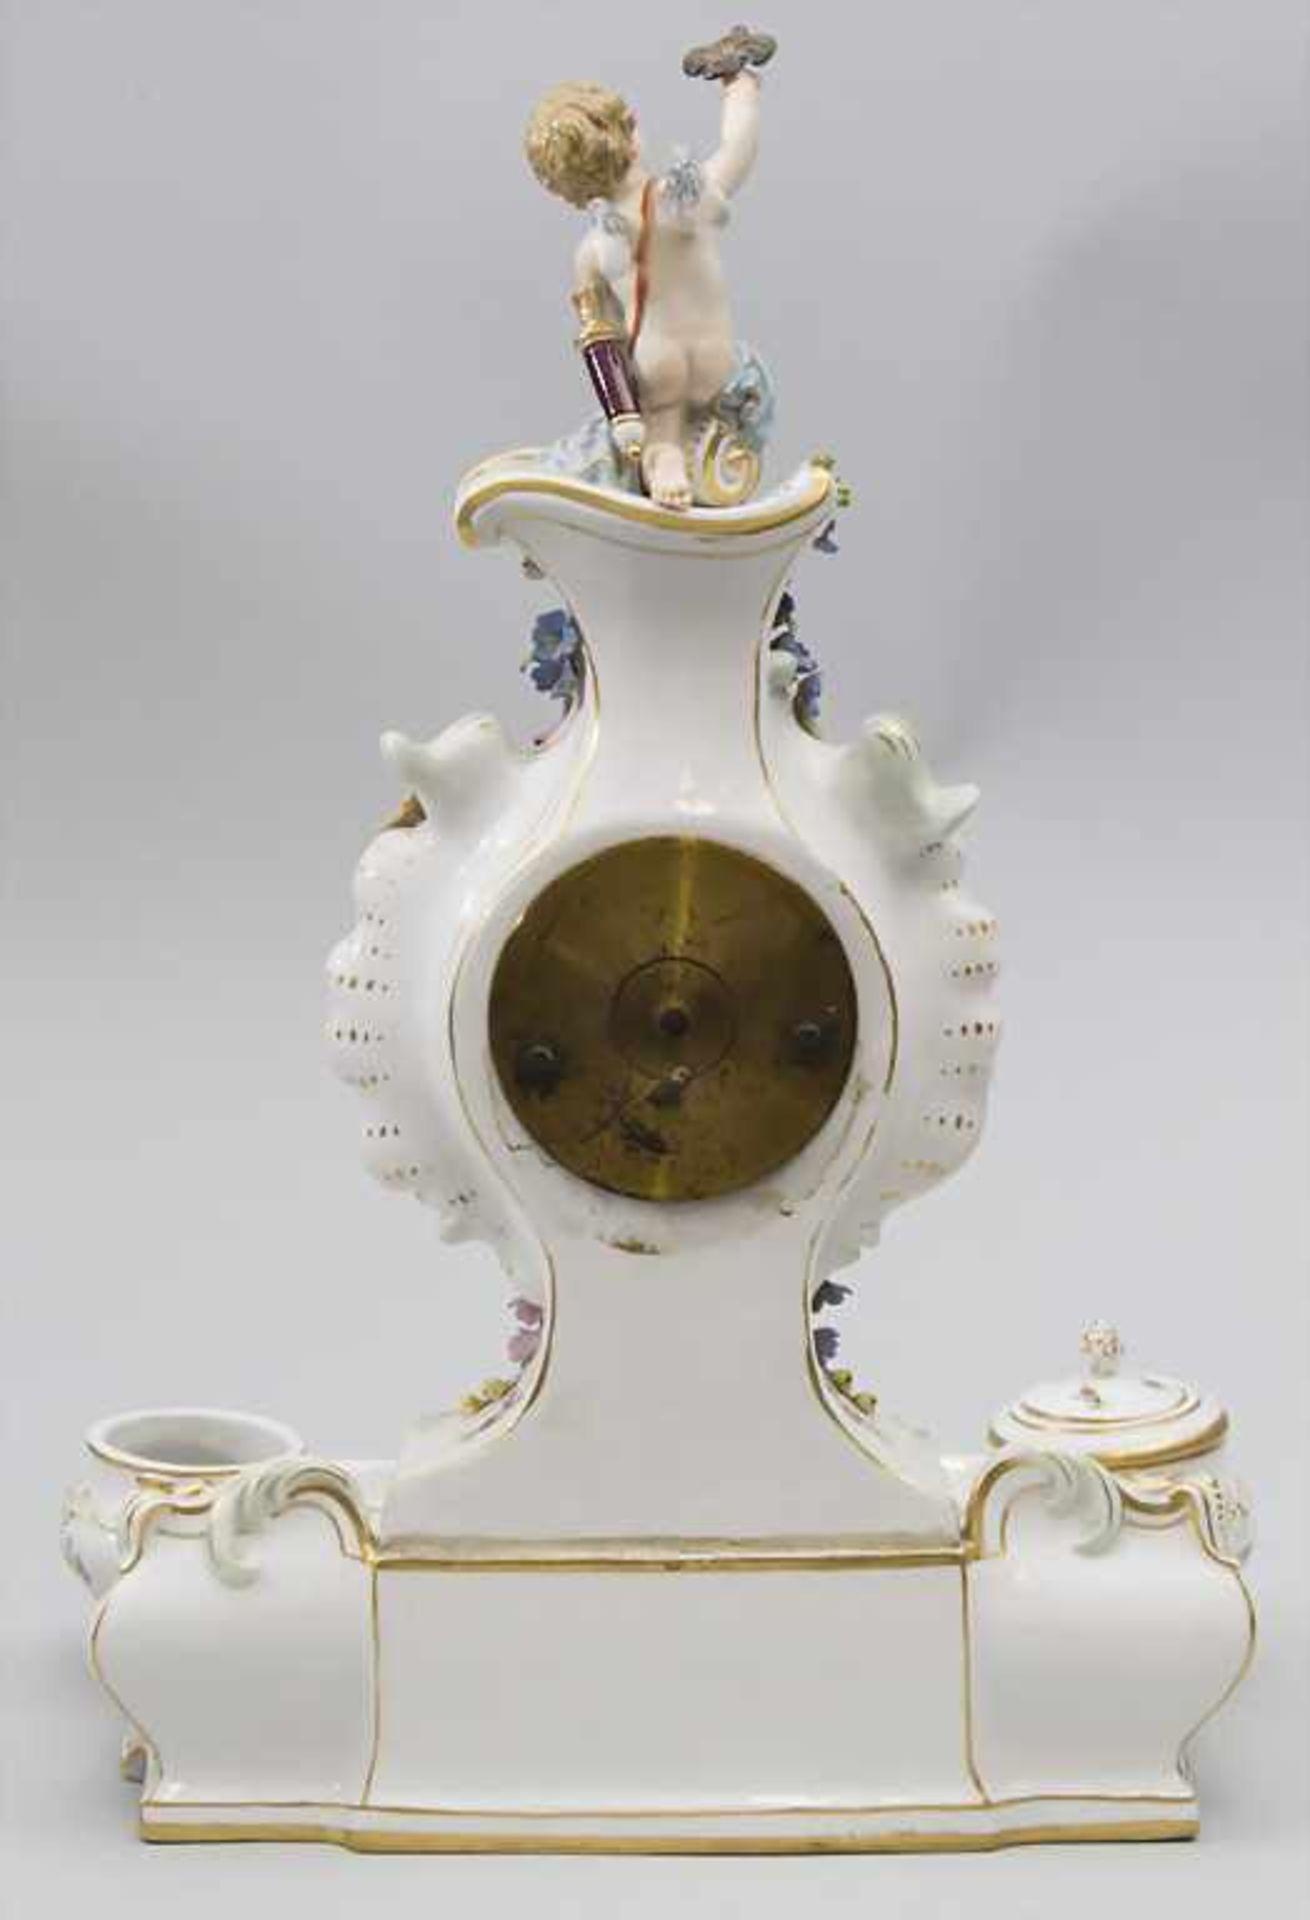 Seltene Tischuhr mit integriertem Schreibset / A rare porcelain table clock with integrated - Bild 15 aus 16